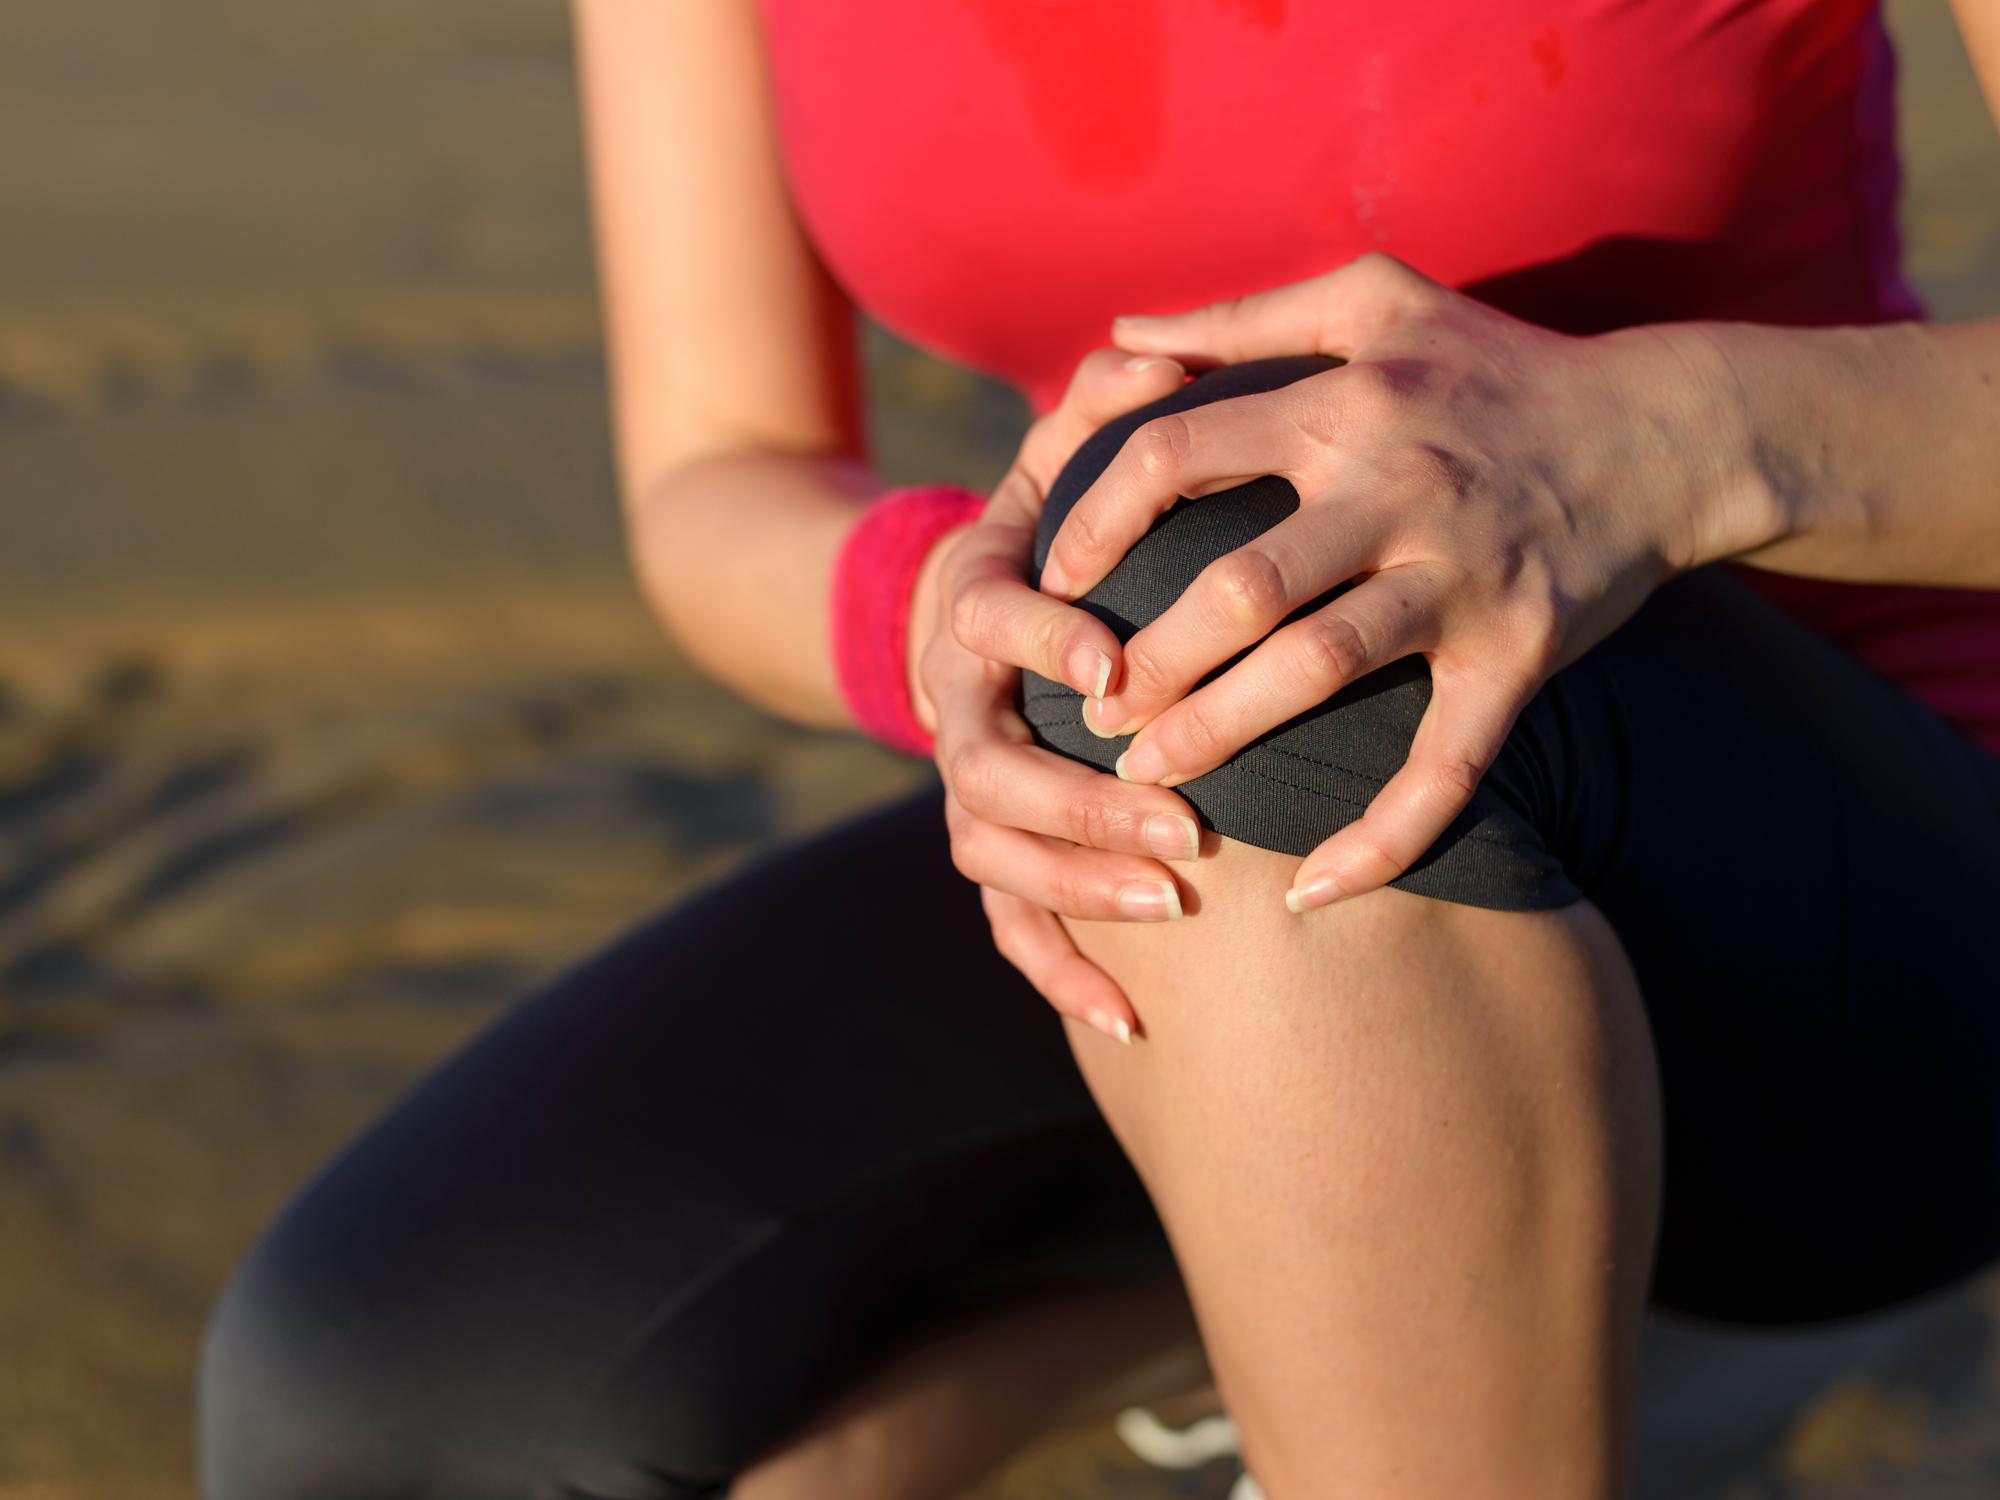 hüvelykujj ízületi lábfejek kezelésére ízületi fájdalom és izomgyengeség tünetei